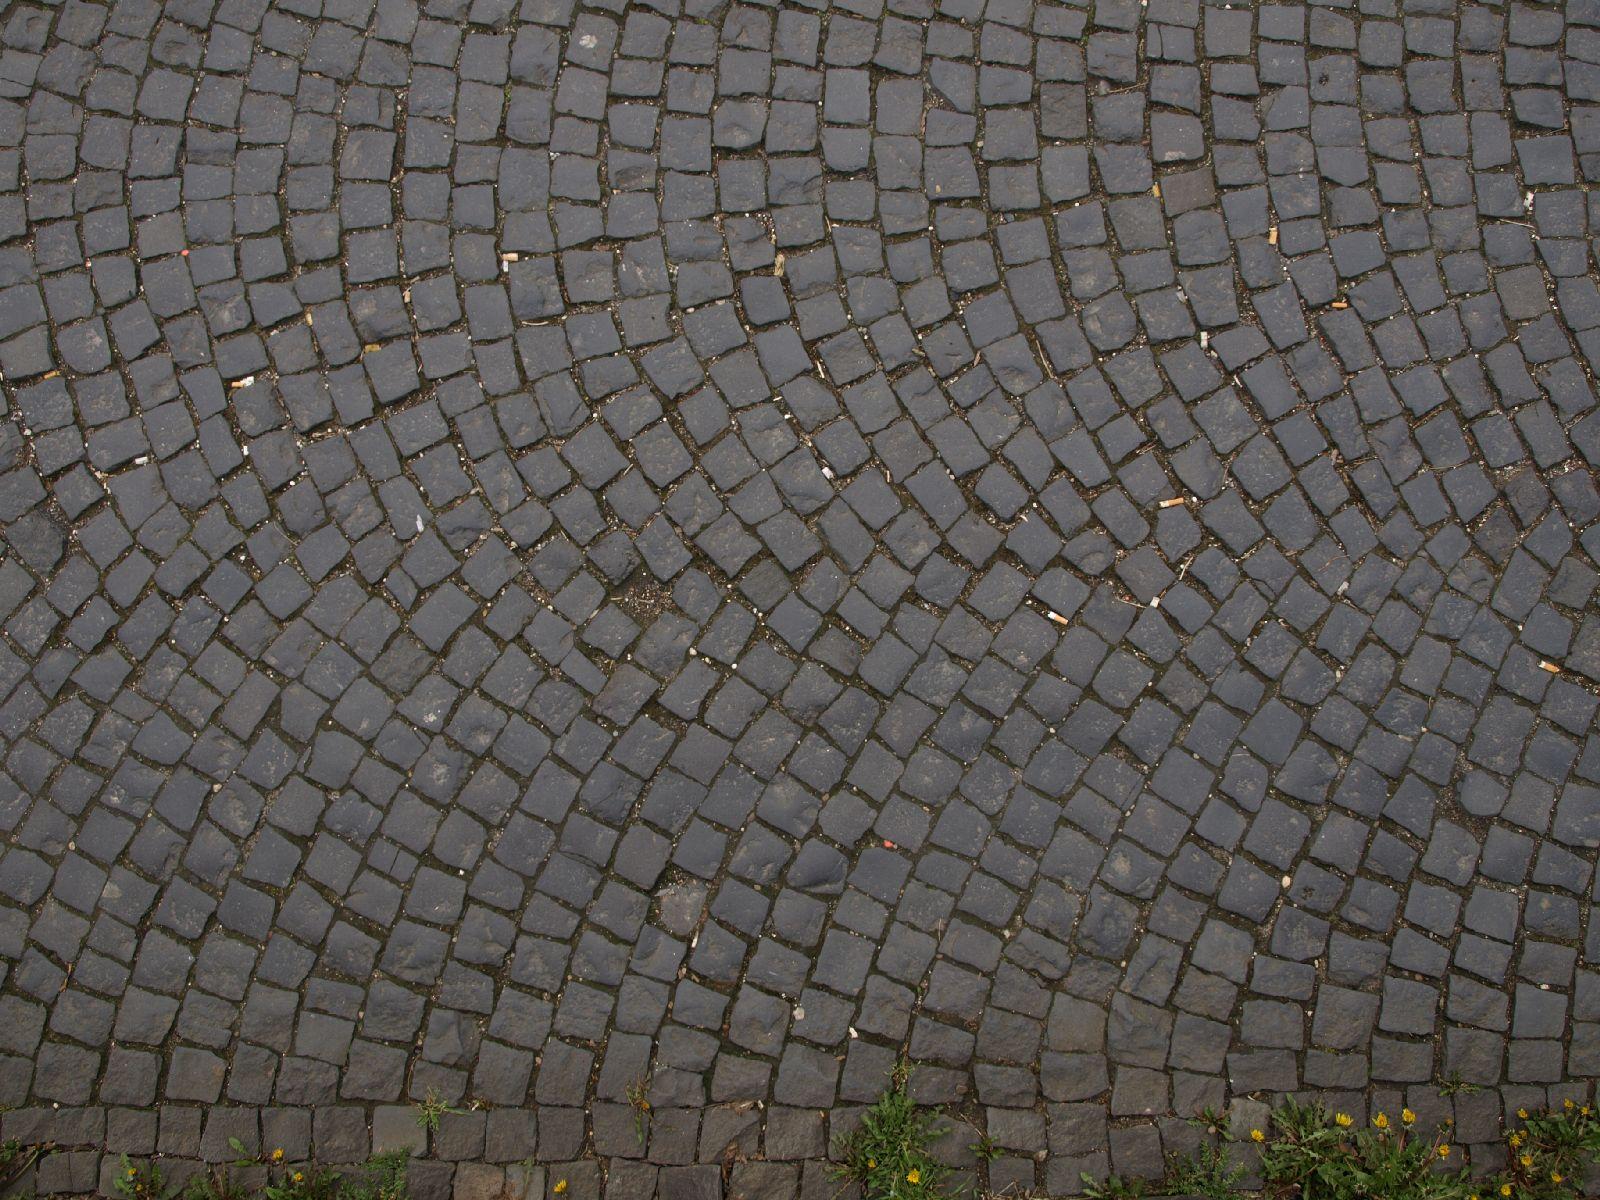 Ground-Urban_Texture_A_P4131098